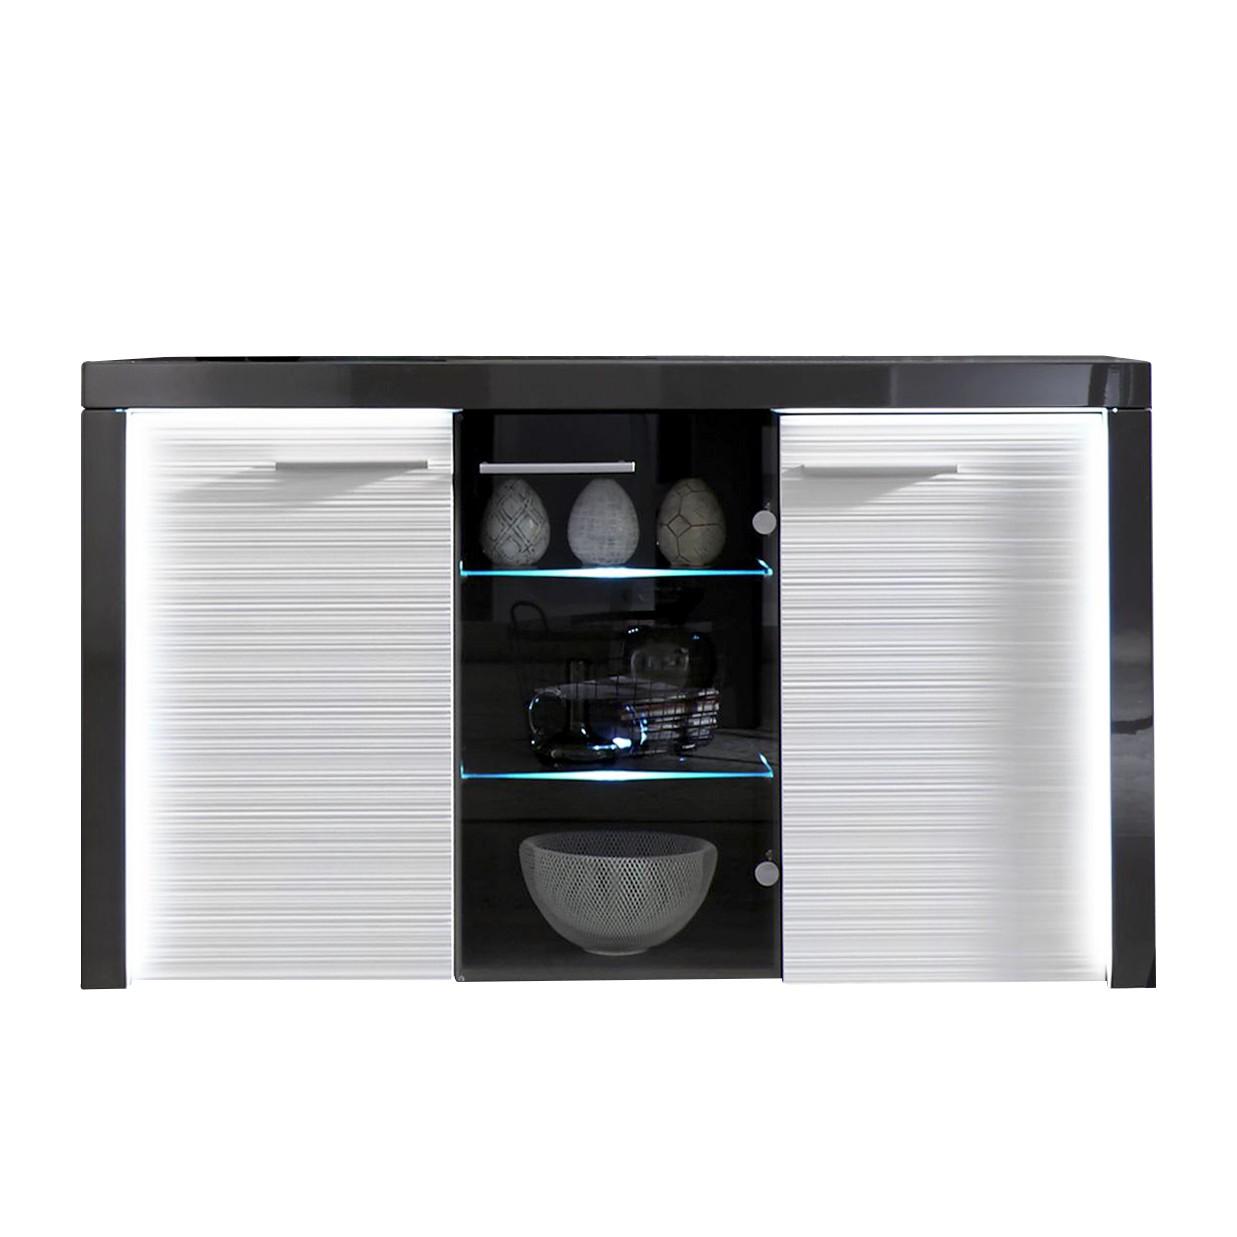 EEK A+, Sideboard Nanyo (inkl. Beleuchtung) - Weiß / Dunkelgrau, Trendteam